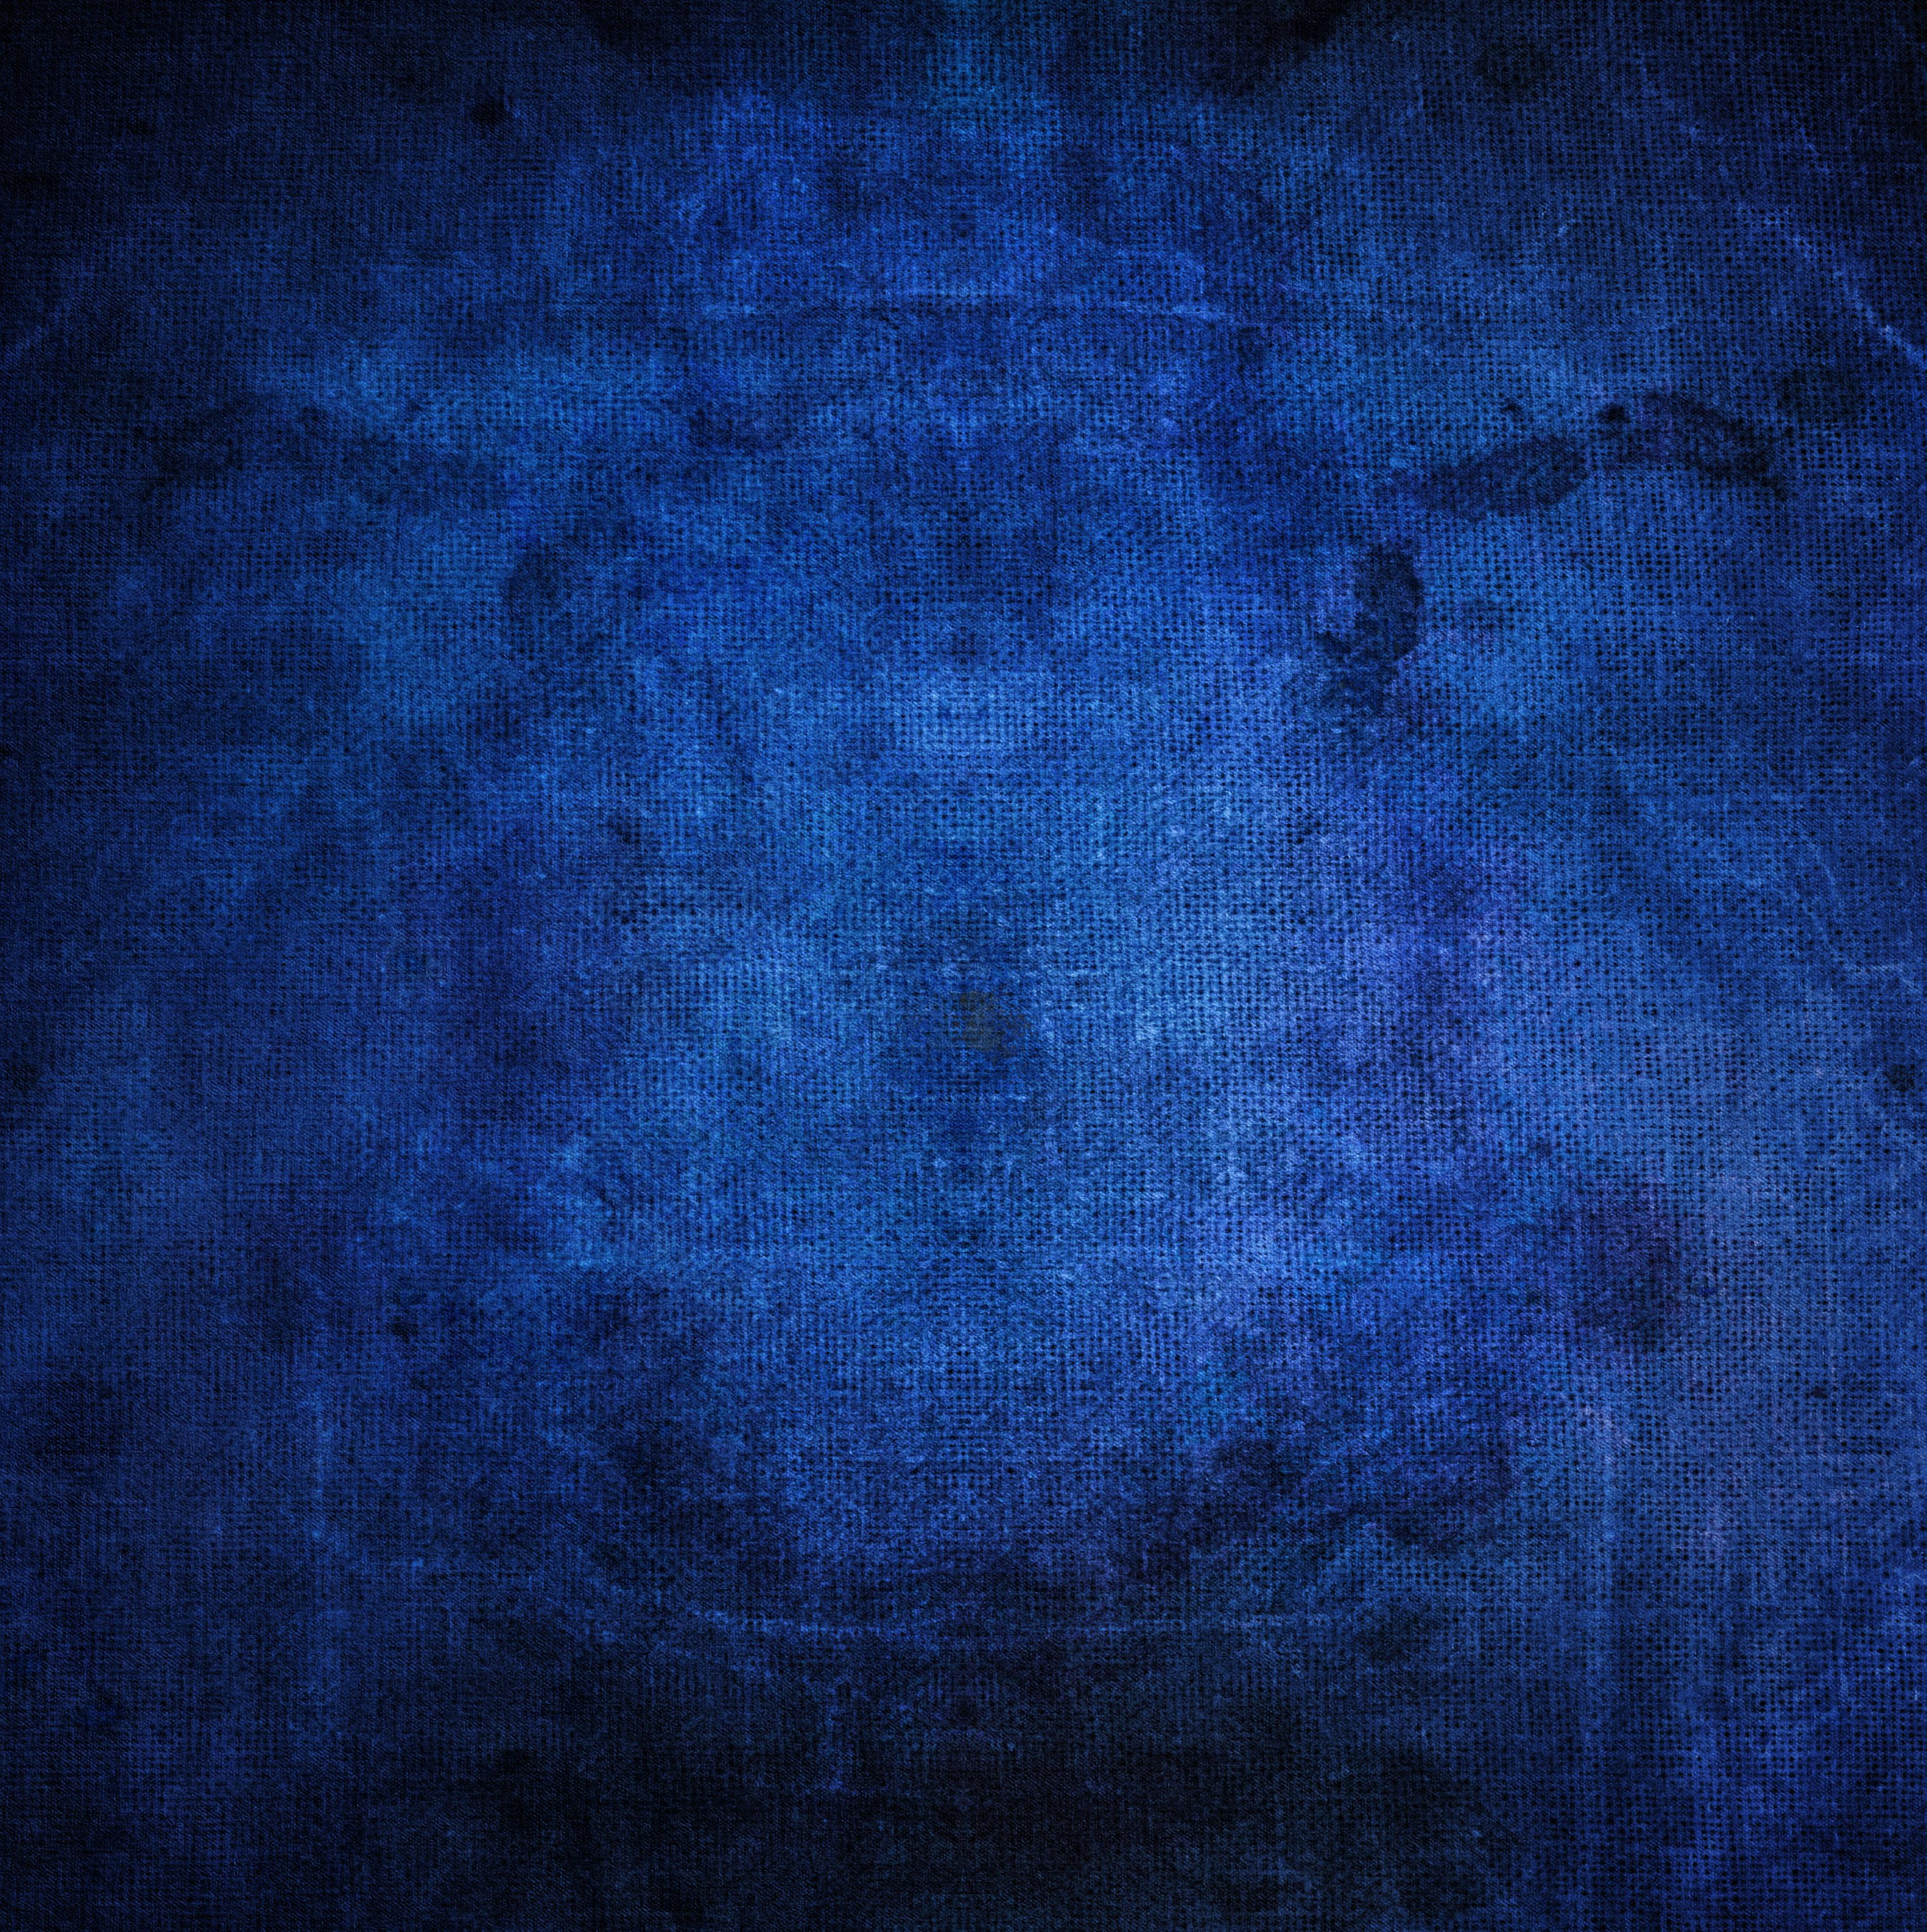 deep blue abstract grunge texture wwwmyfreetexturescom 1500 3741x3750